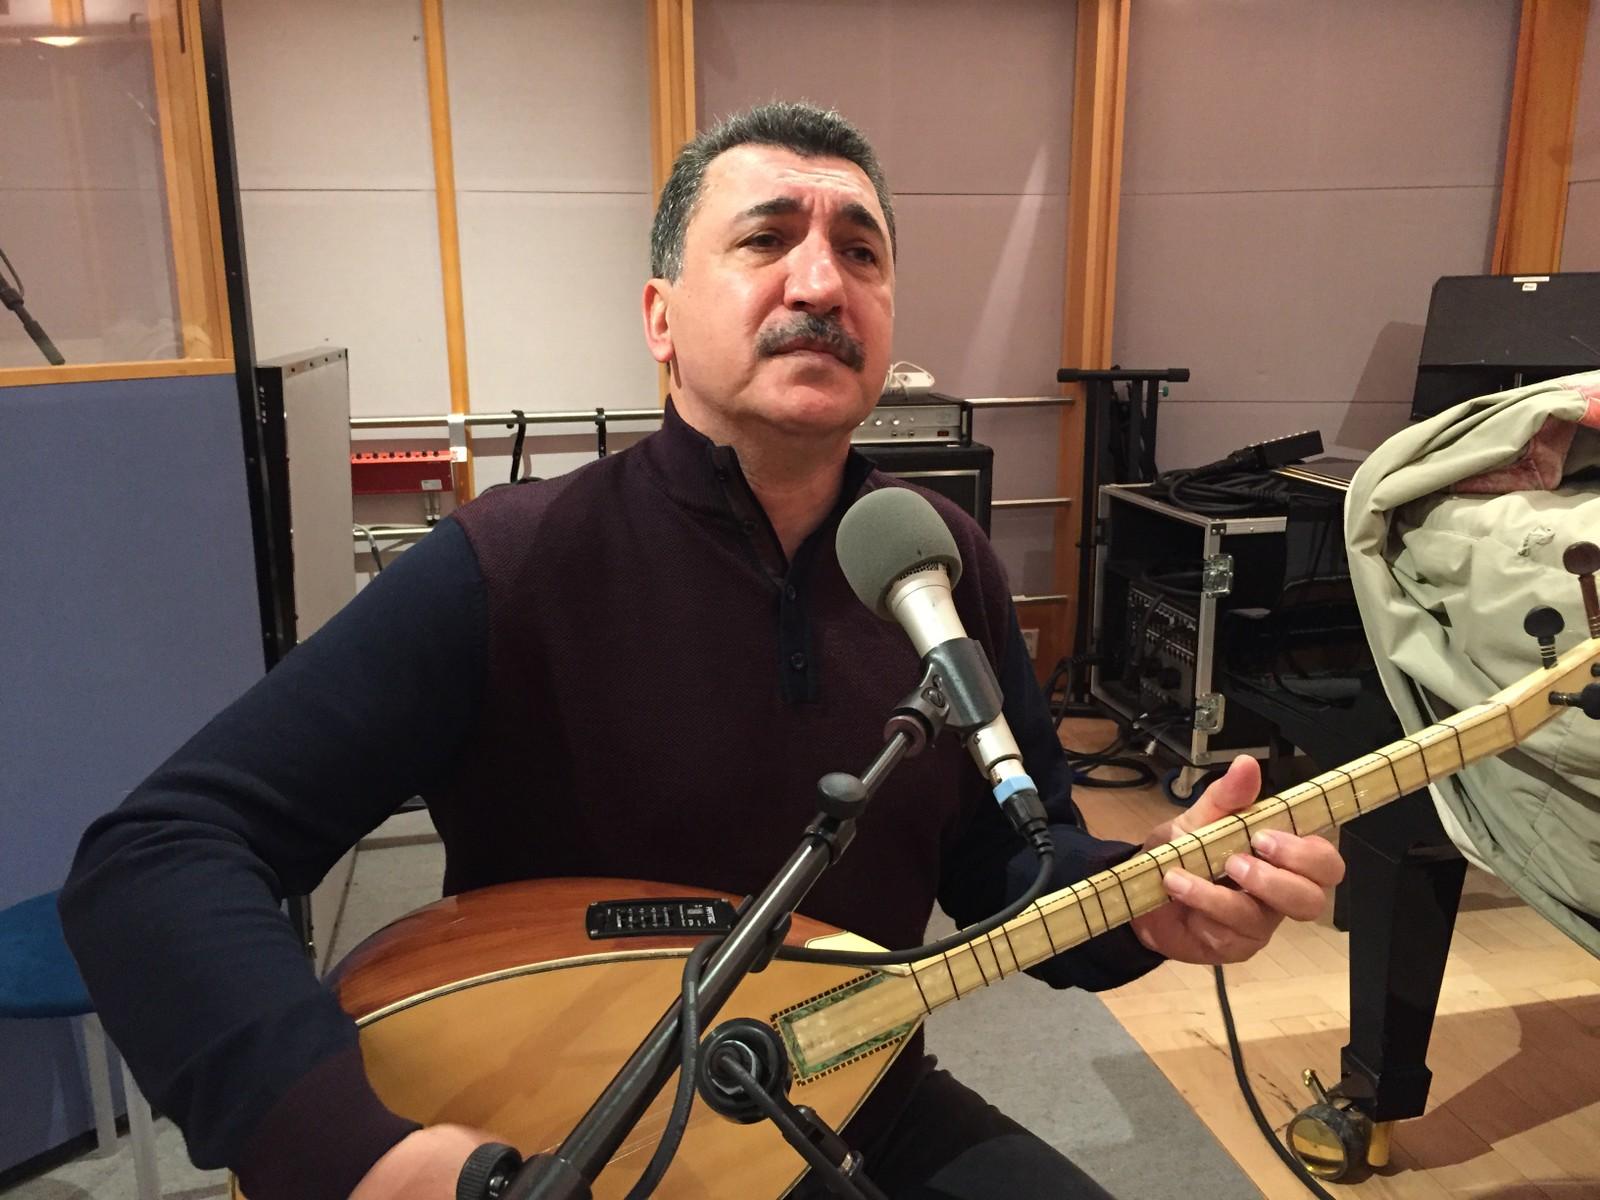 Den kurdiske musikeren og aktivisten Ferhat Tunc i vårt studio.